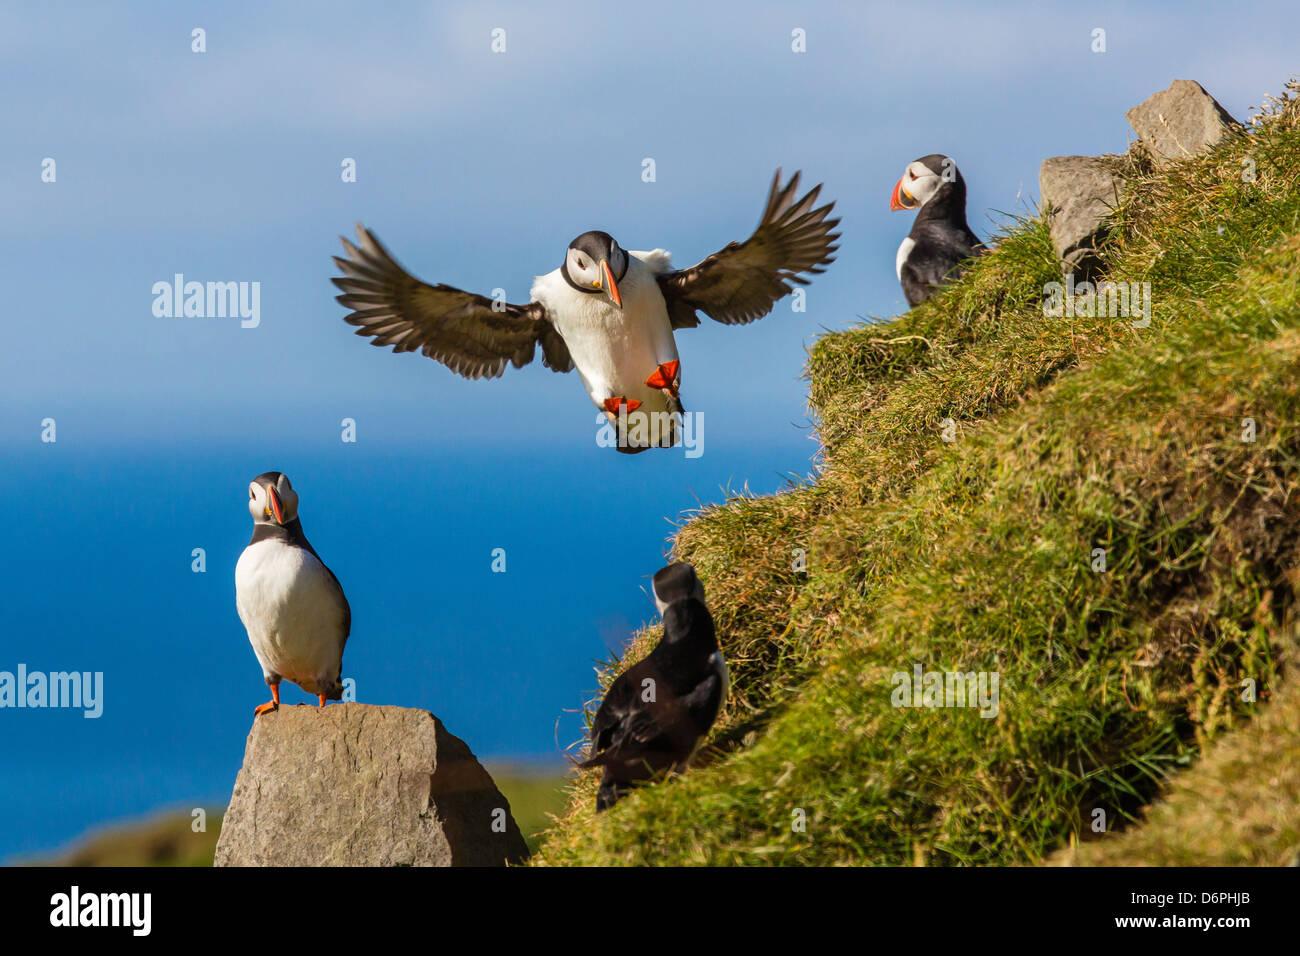 Los frailecillos atlánticos (Fratercula arctica), Mykines Isla, Islas Feroe, Dinamarca, Europa Imagen De Stock